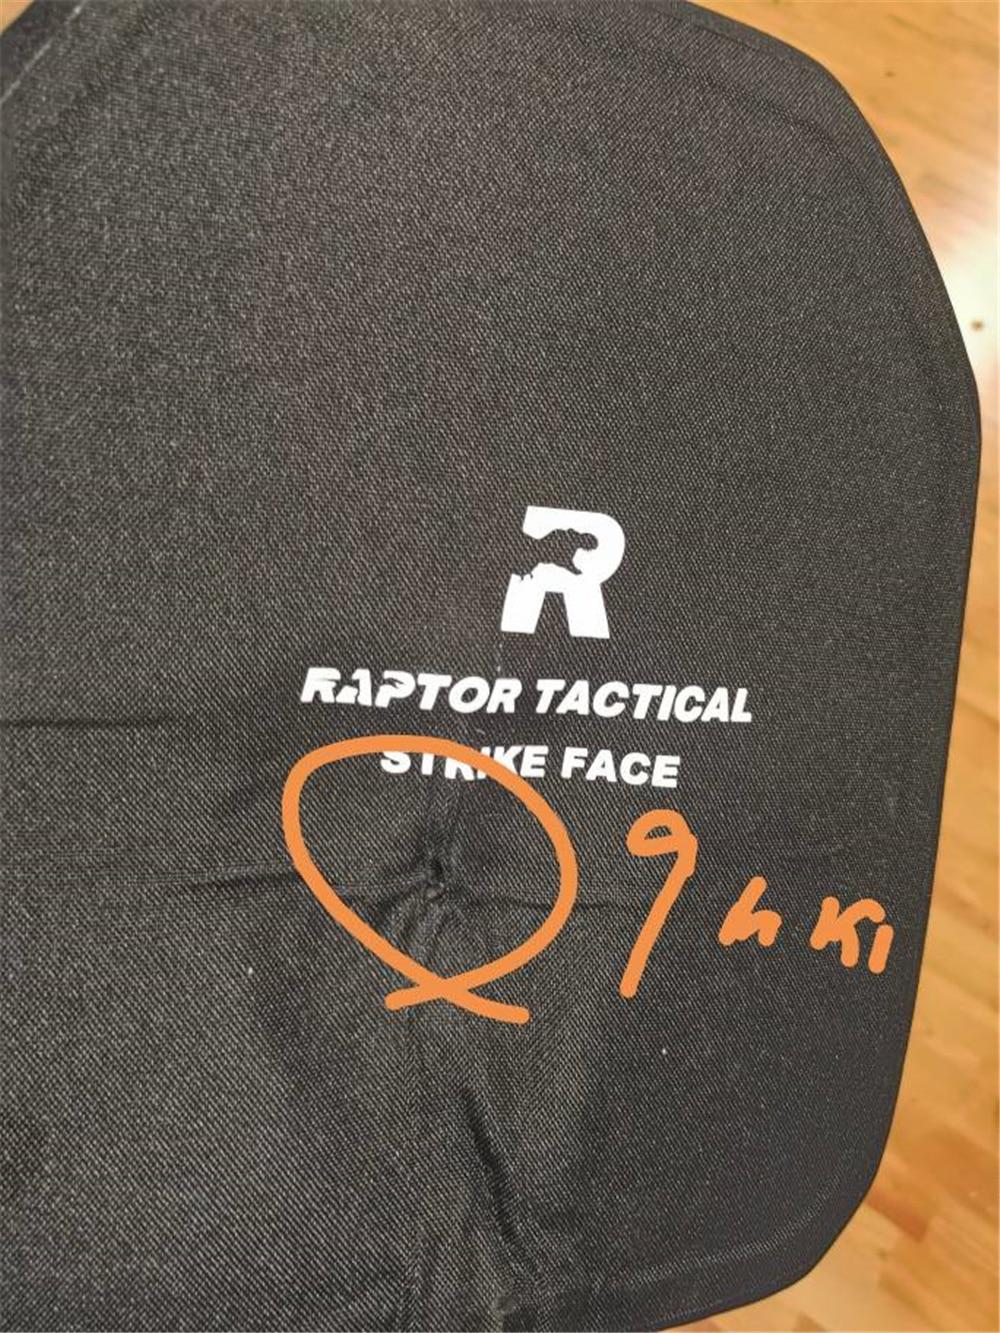 Raptor Tactical NIJ IIIA пуленепробиваемые пластины баллистическая пуленепробиваемая плата рюкзак броня панель пара набор баллистических щитков